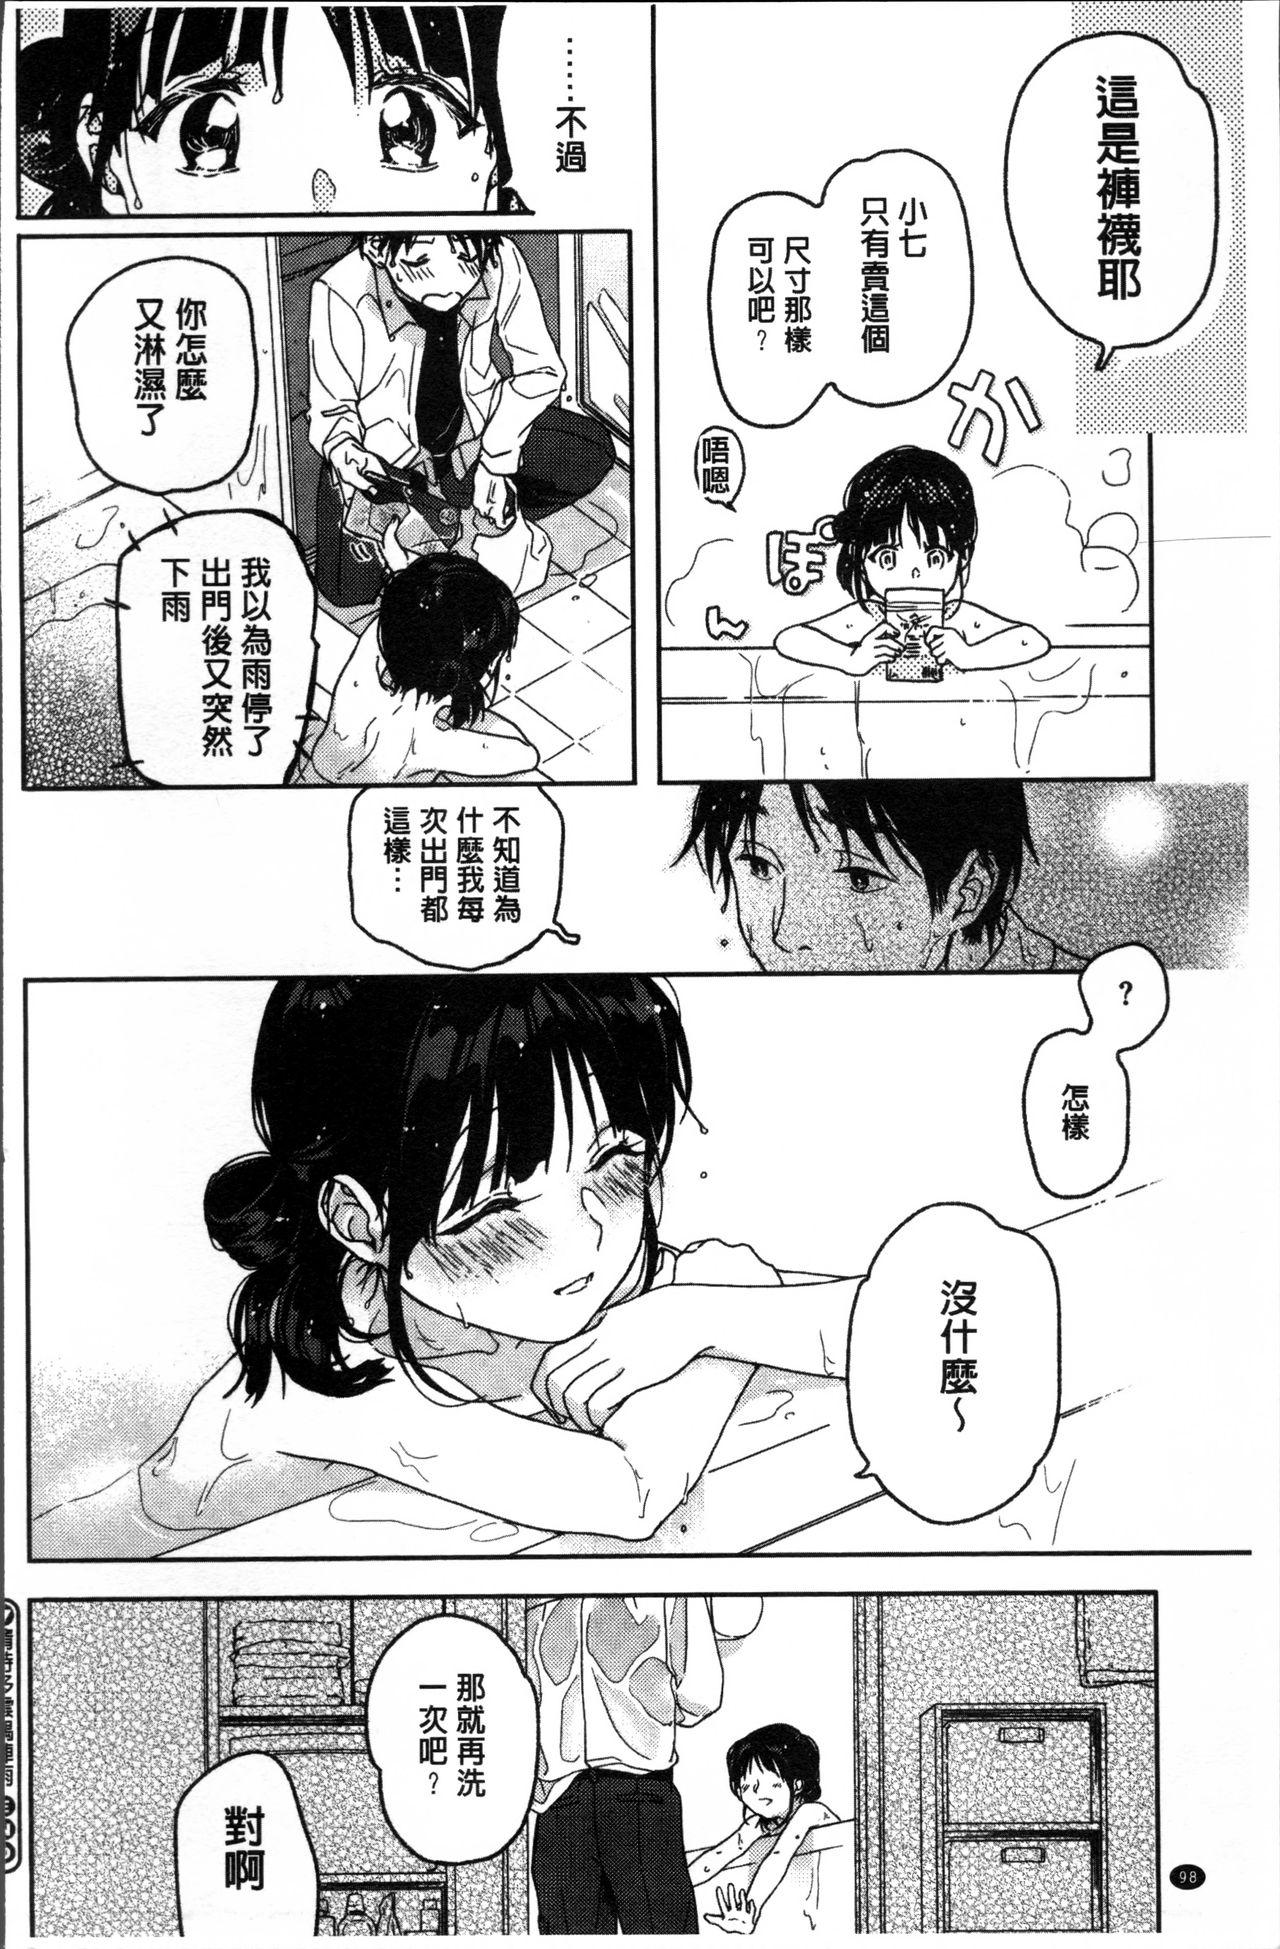 Kanojo no Setsuna 99